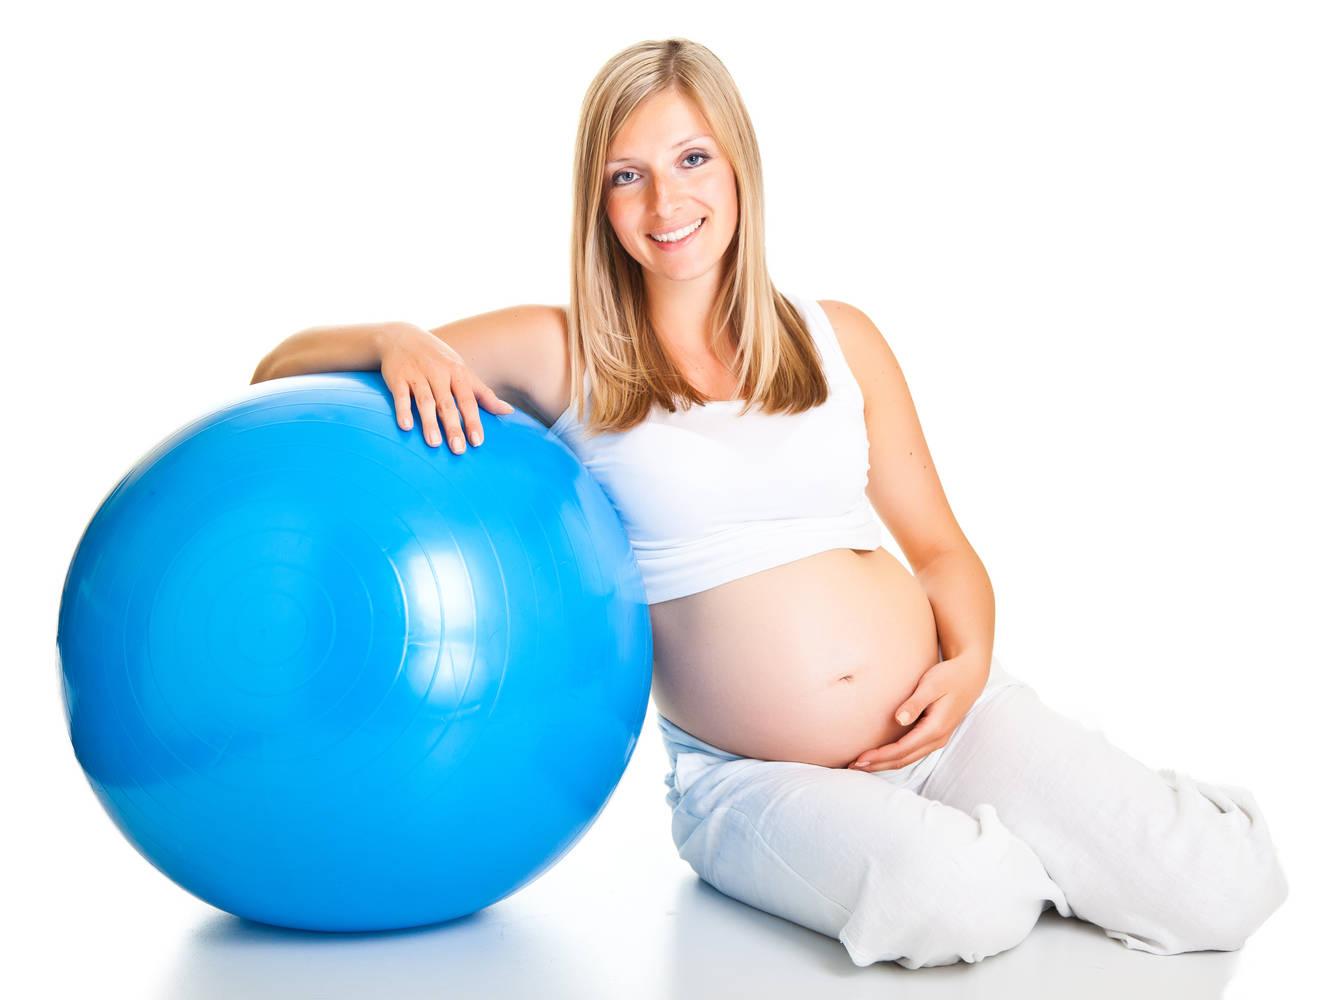 Hamilelik sırasında diz dirsek pozisyonu hamileliktir. Haftalar için hamilelik.